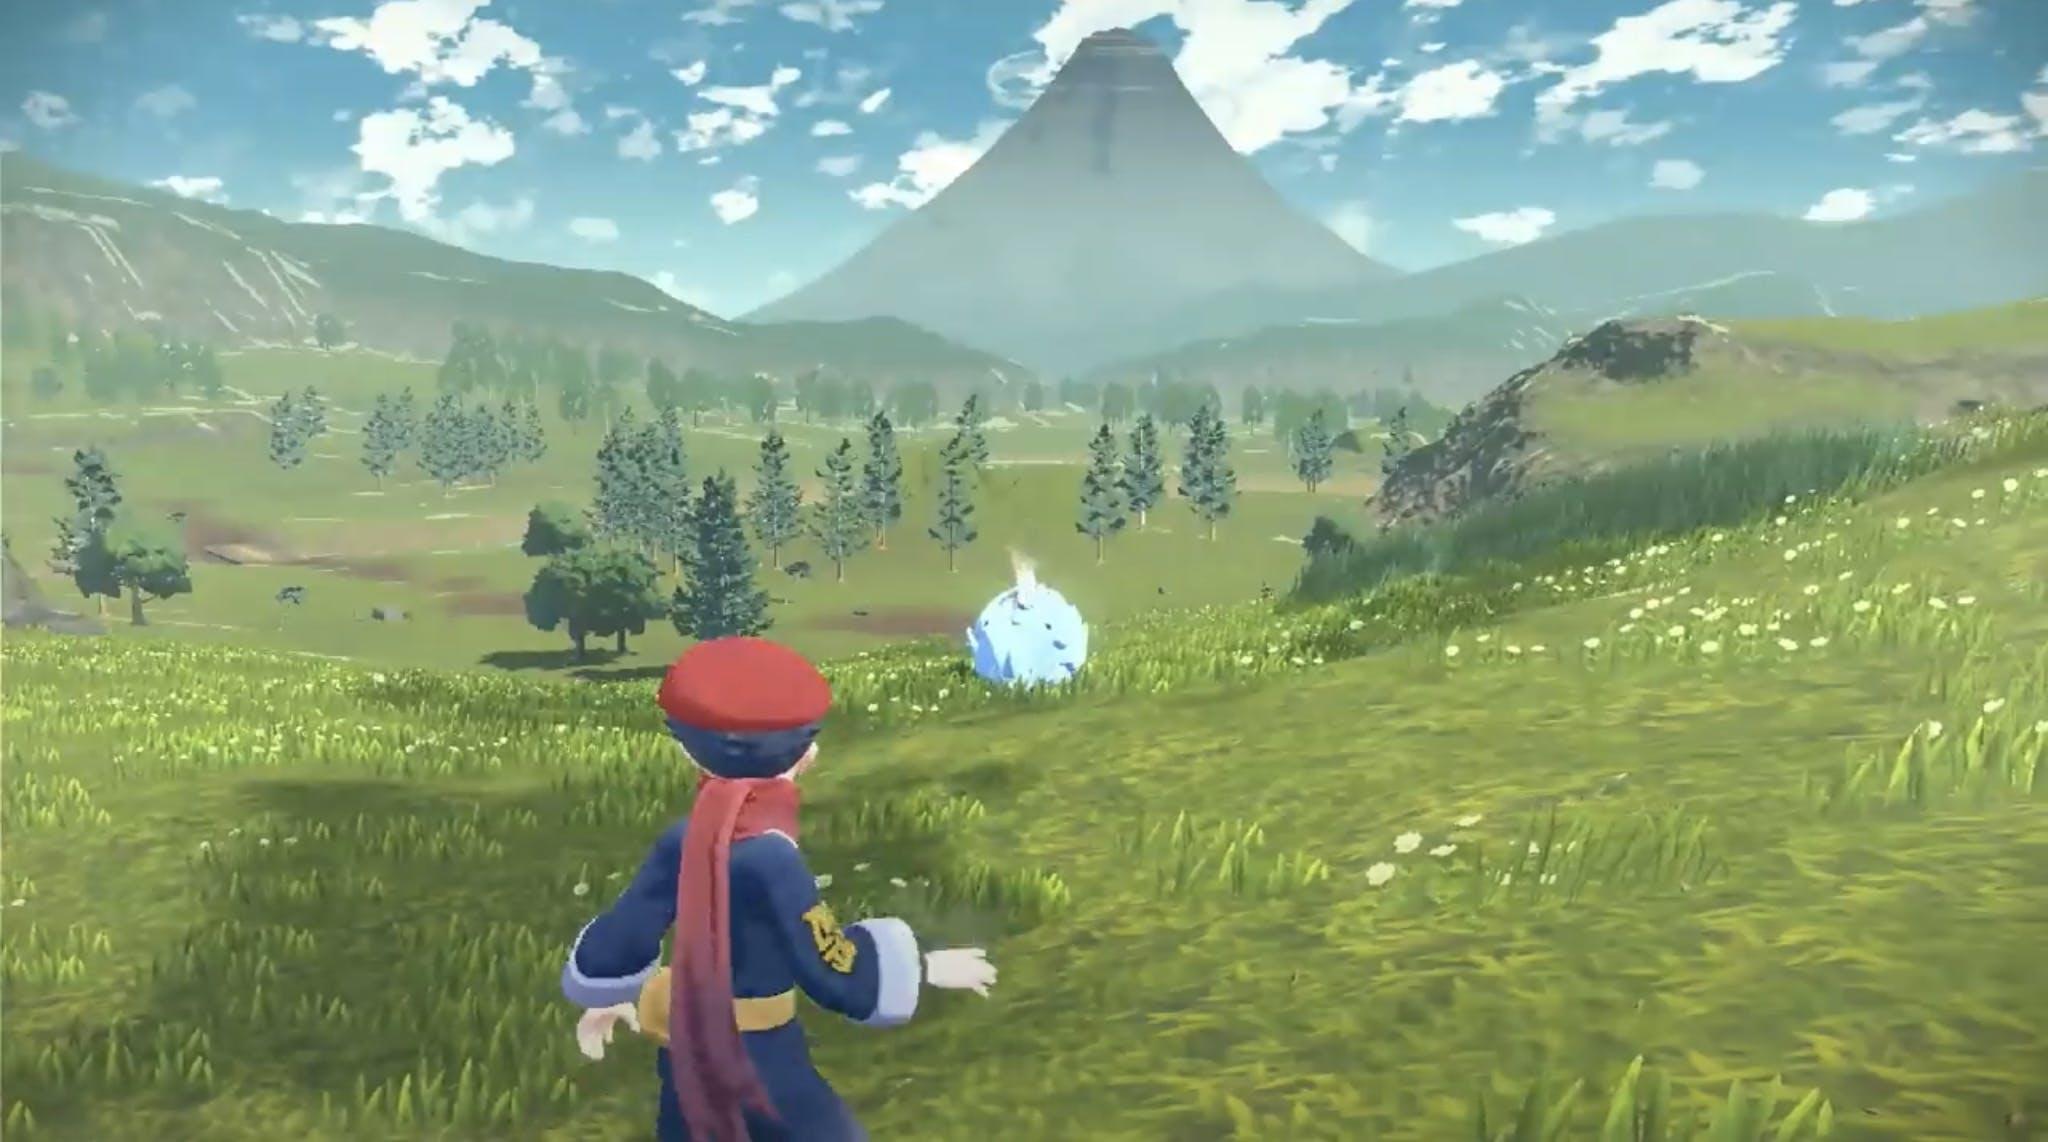 Todo lo que debes saber del nuevo juego de la franquicia Pokémon, su trailer y estreno.